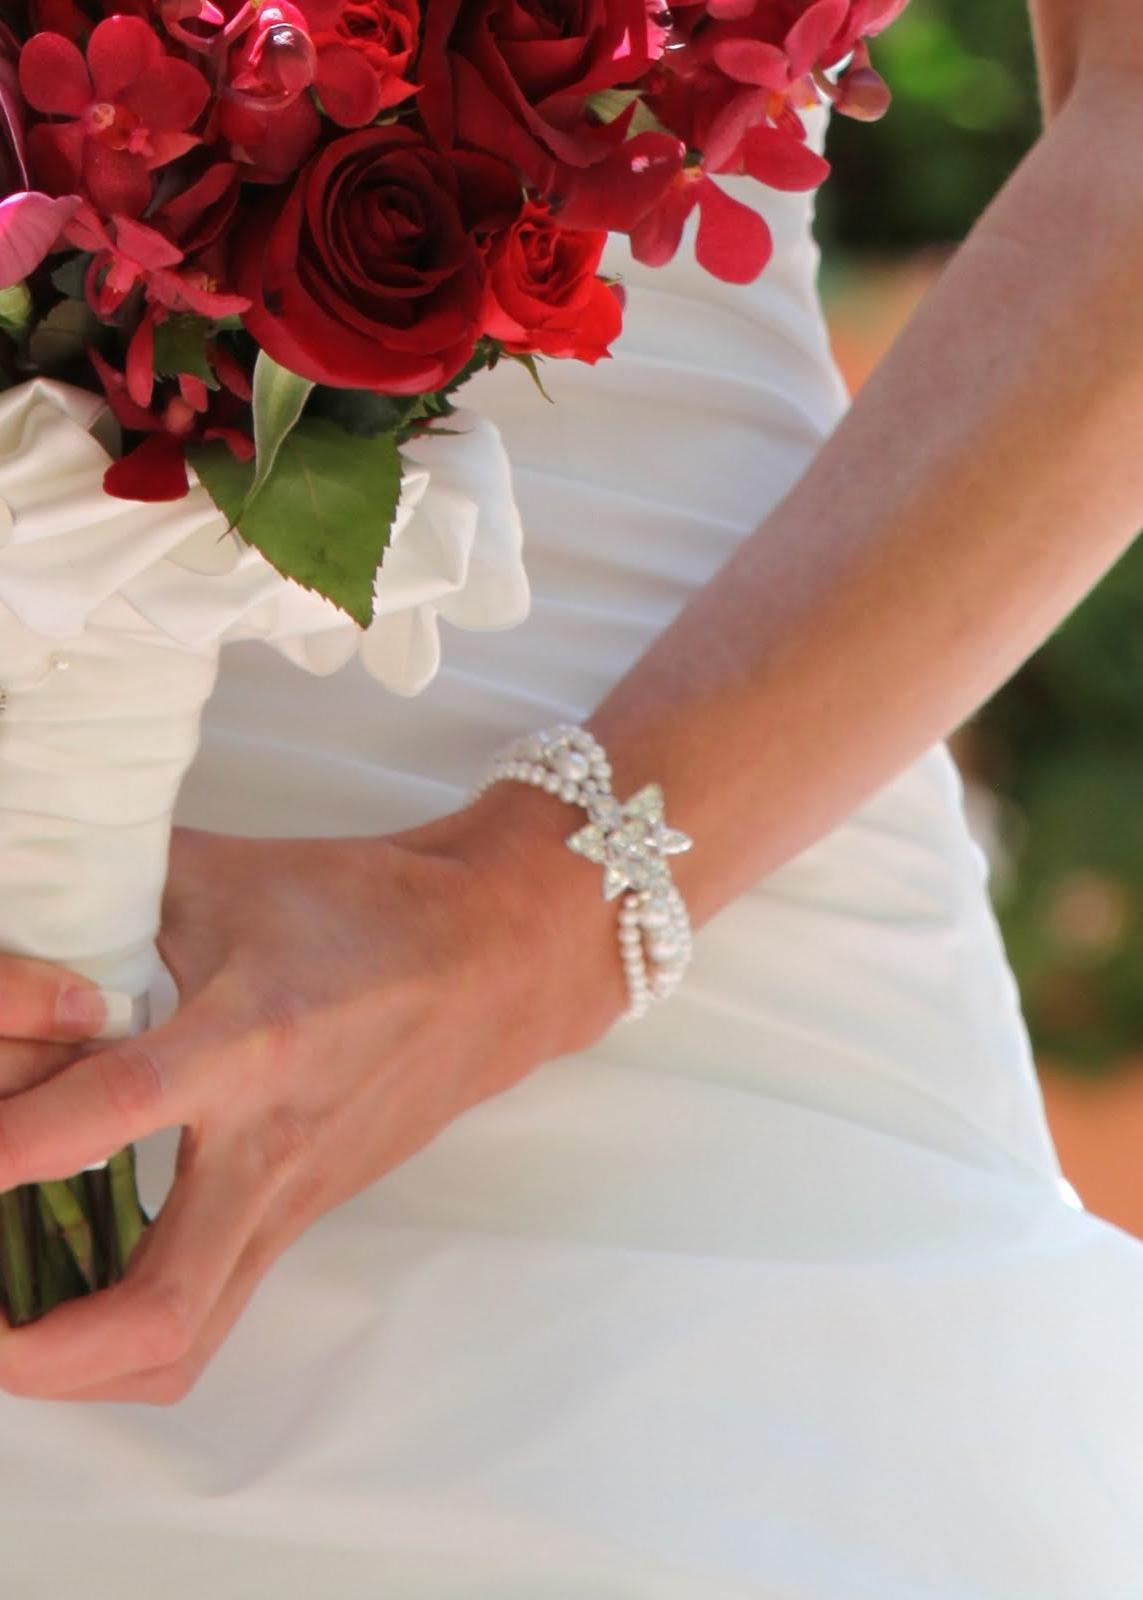 Bracelet Yan Wedding Recap: